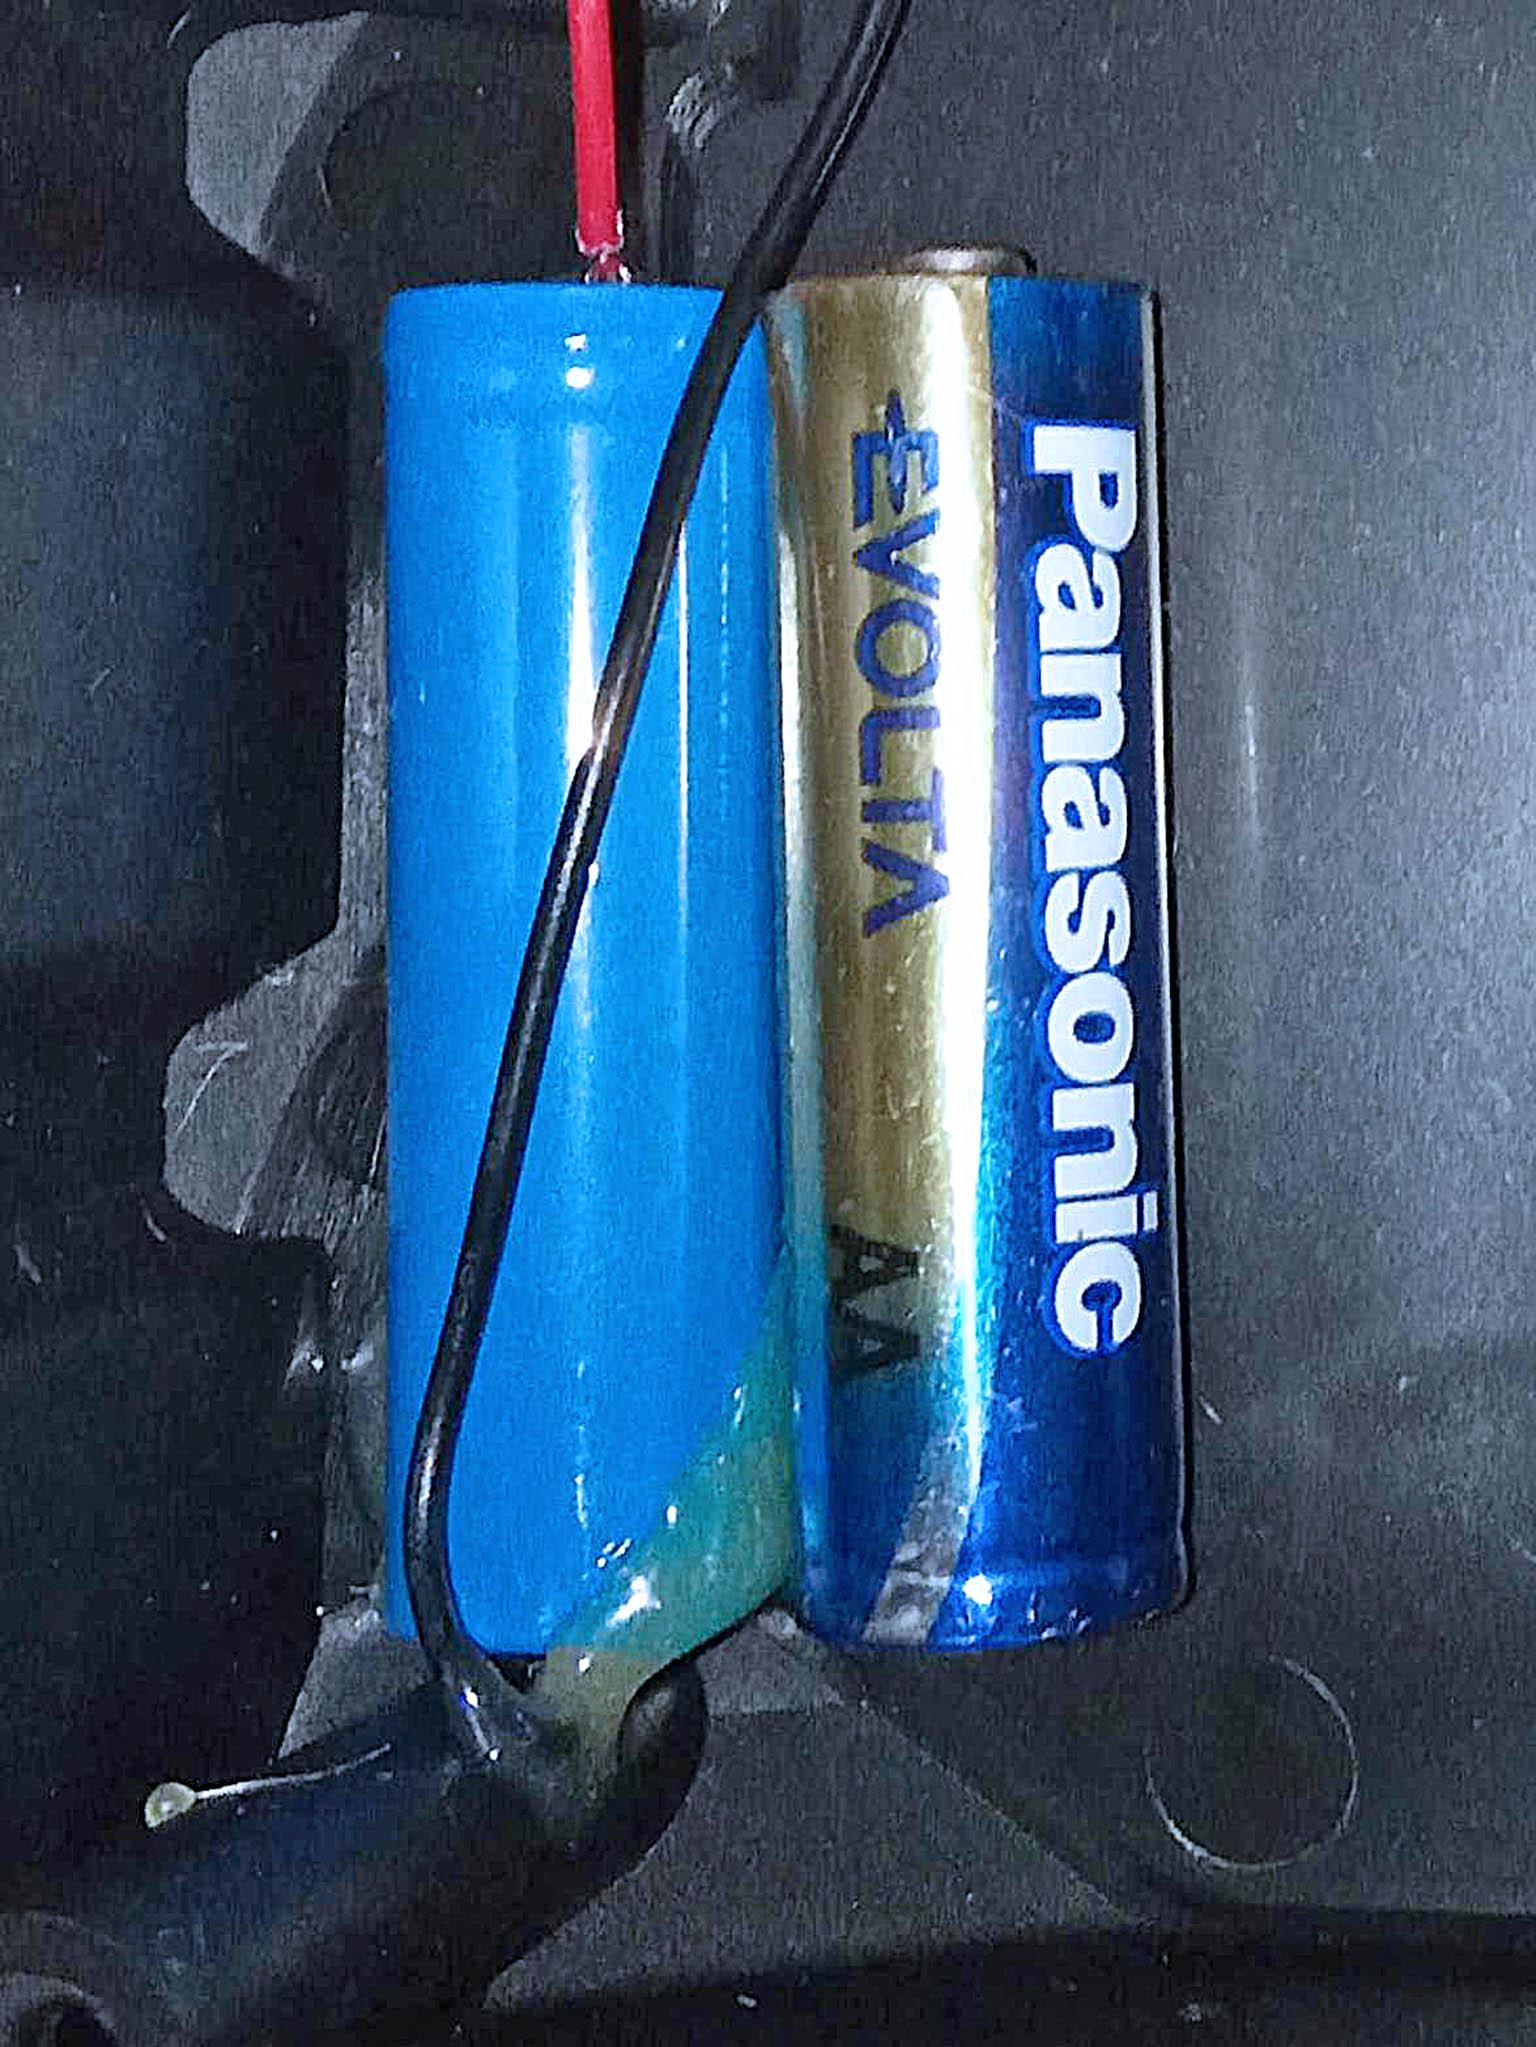 сравнение аккумулятора  с батарейкой по размеру